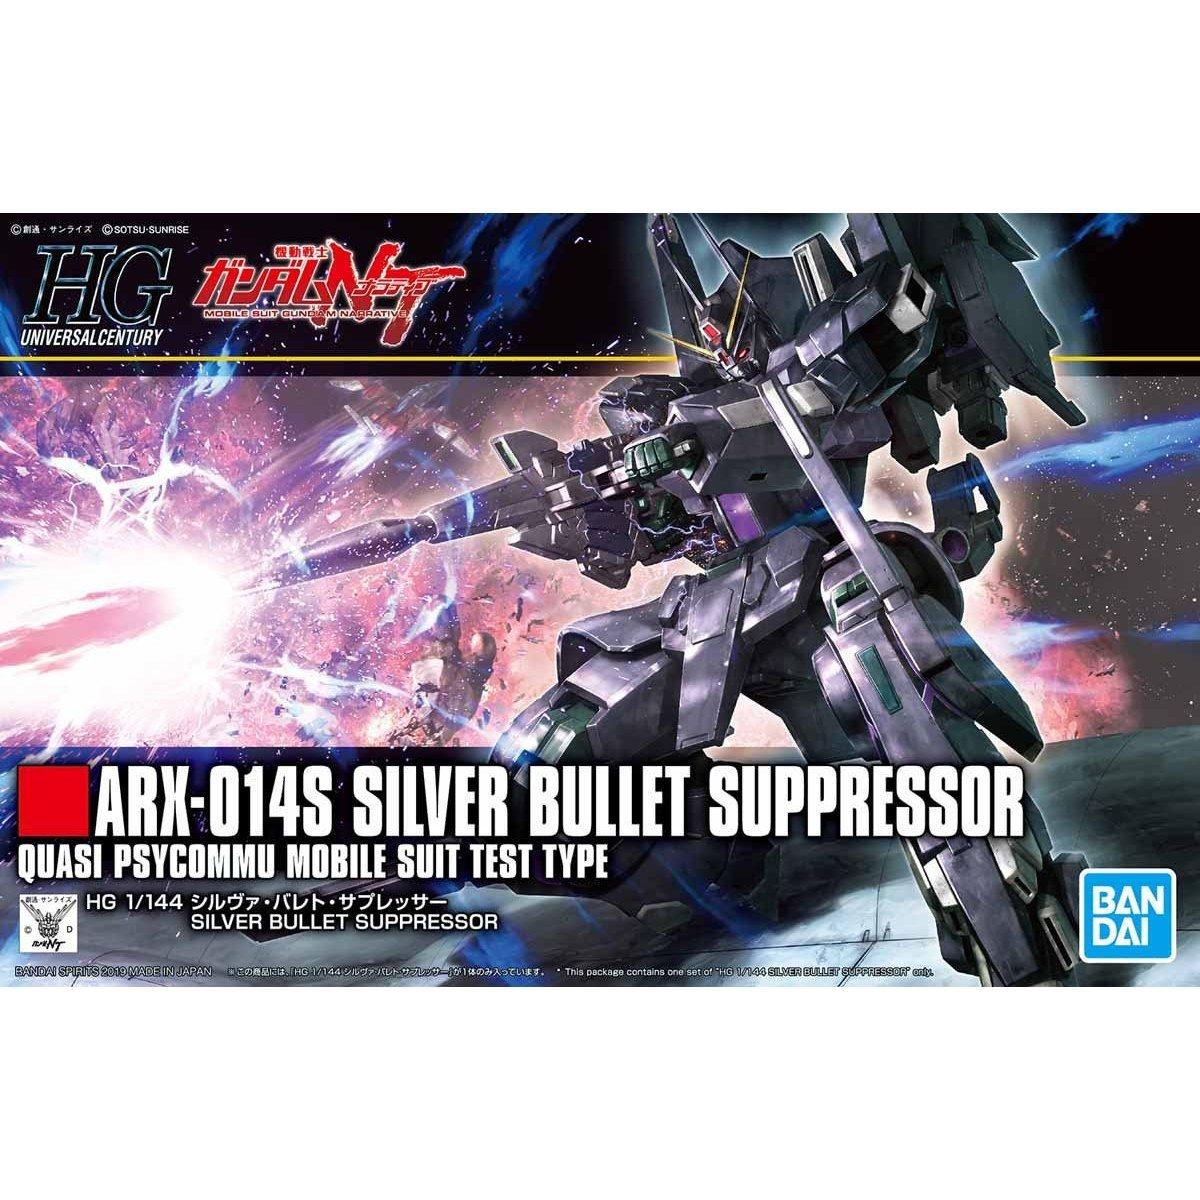 鋼彈gundam組合模型 HGUC 1/144 #225 銀彈抑制型